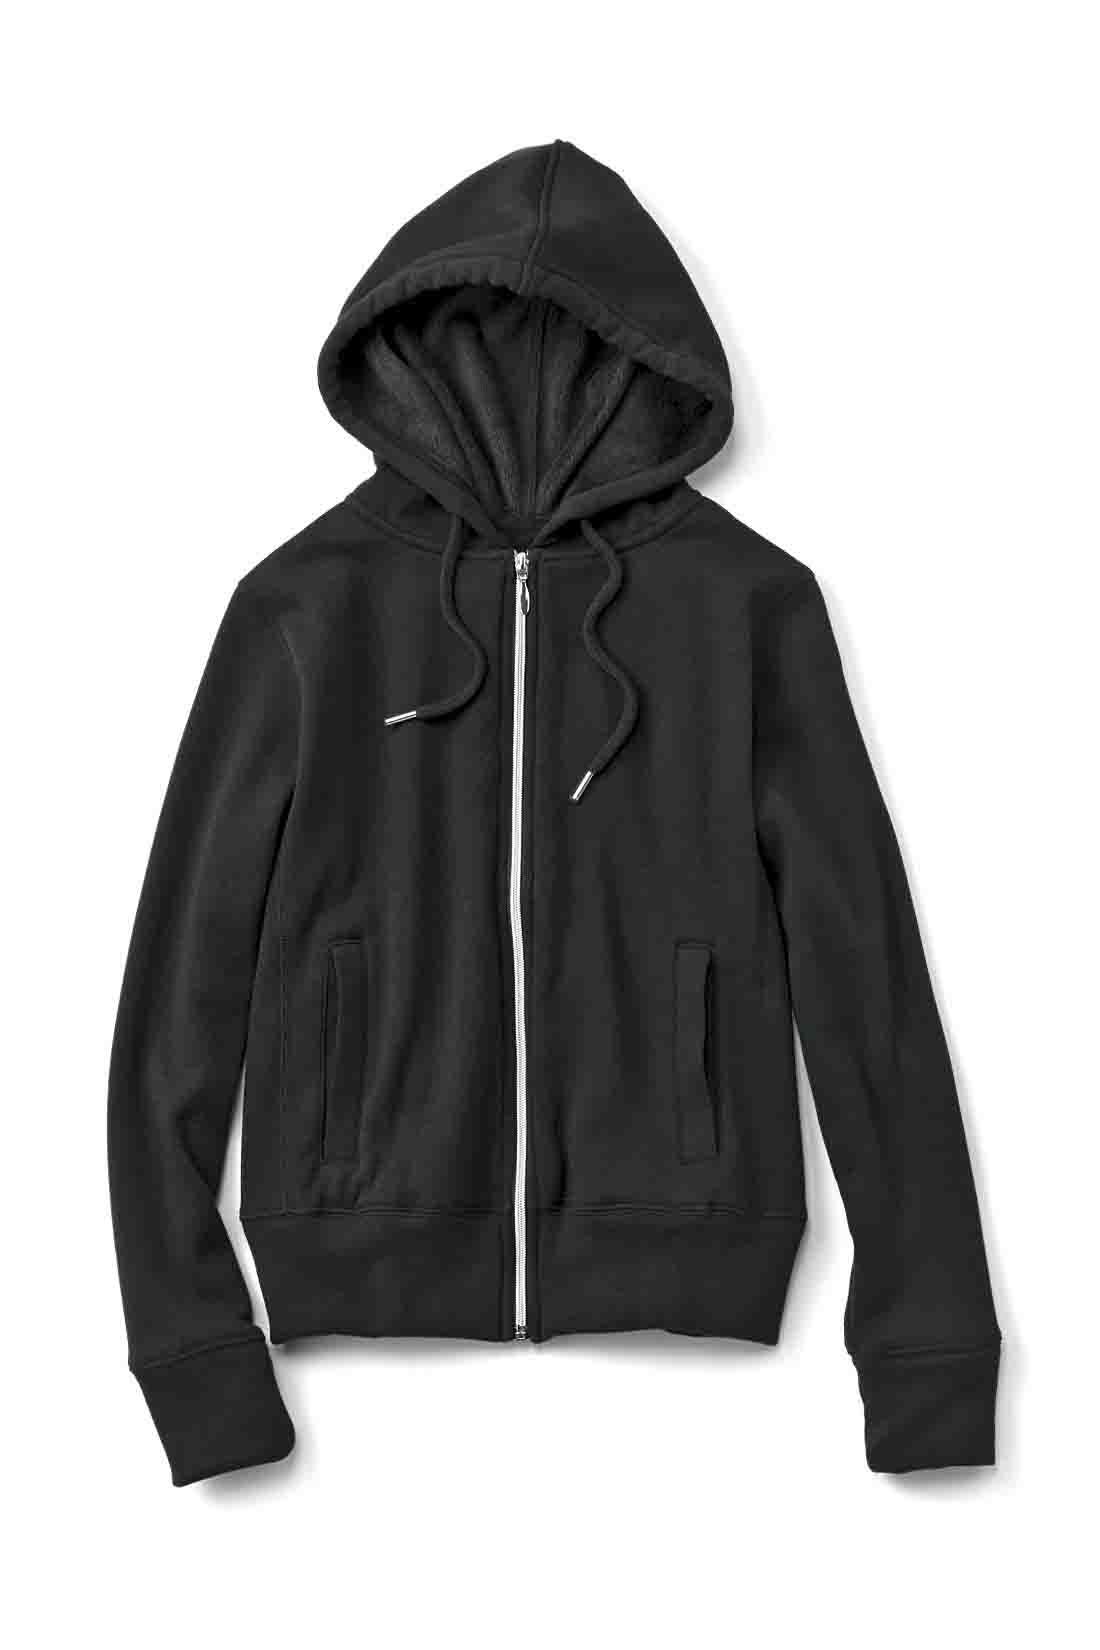 着ぶくれ知らずのコンパクトシルエットなので、コートのインにもぴったり。縦ラインを強調するステッチと、スリットポケットが大人っぽい。